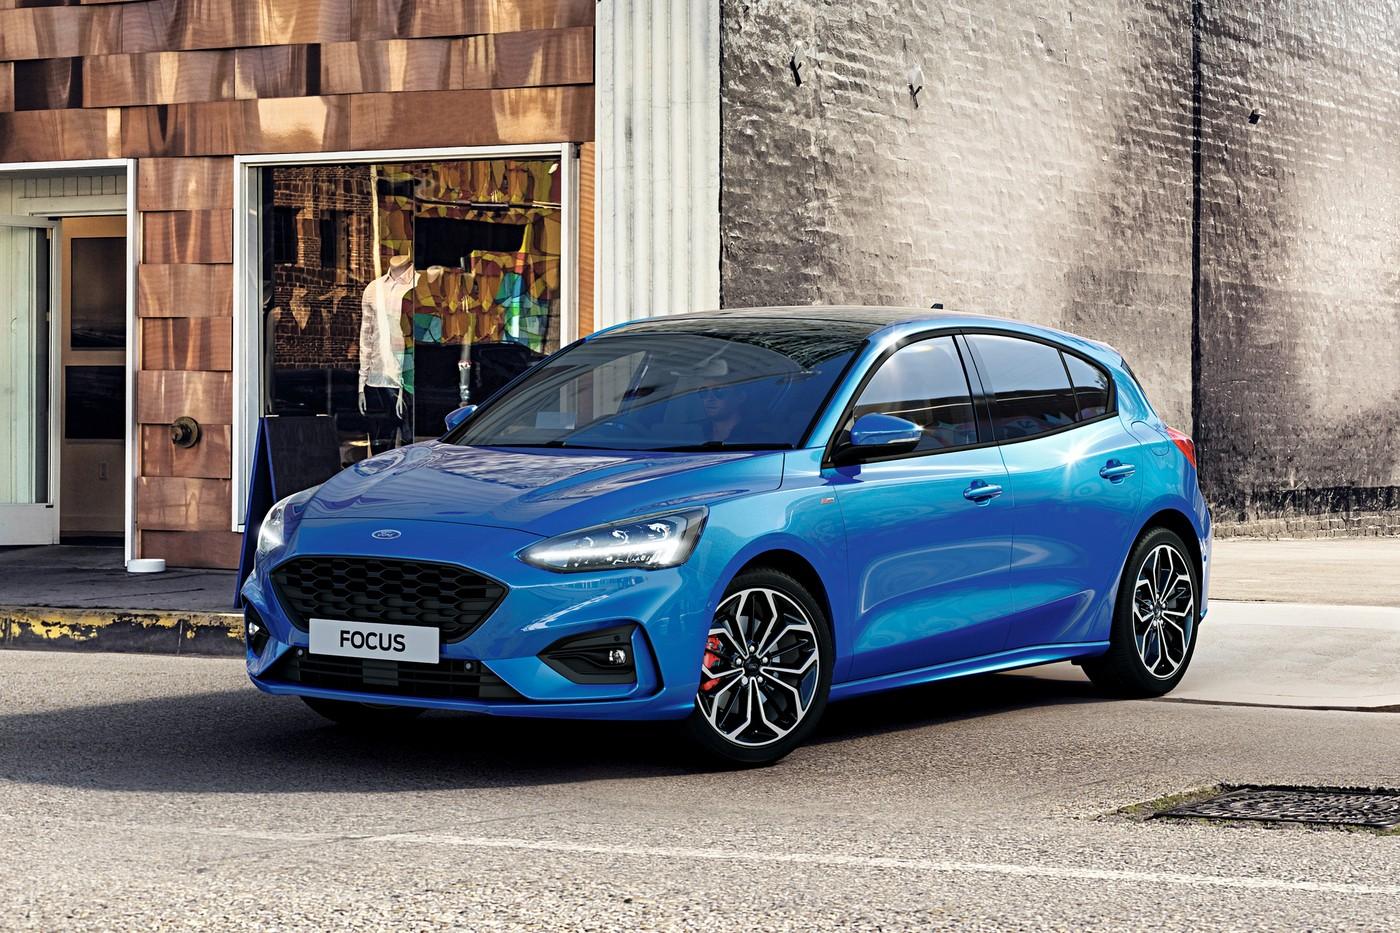 Обновки для Ford Focus: литровый мотор на 155 л.с. и цифровые приборы